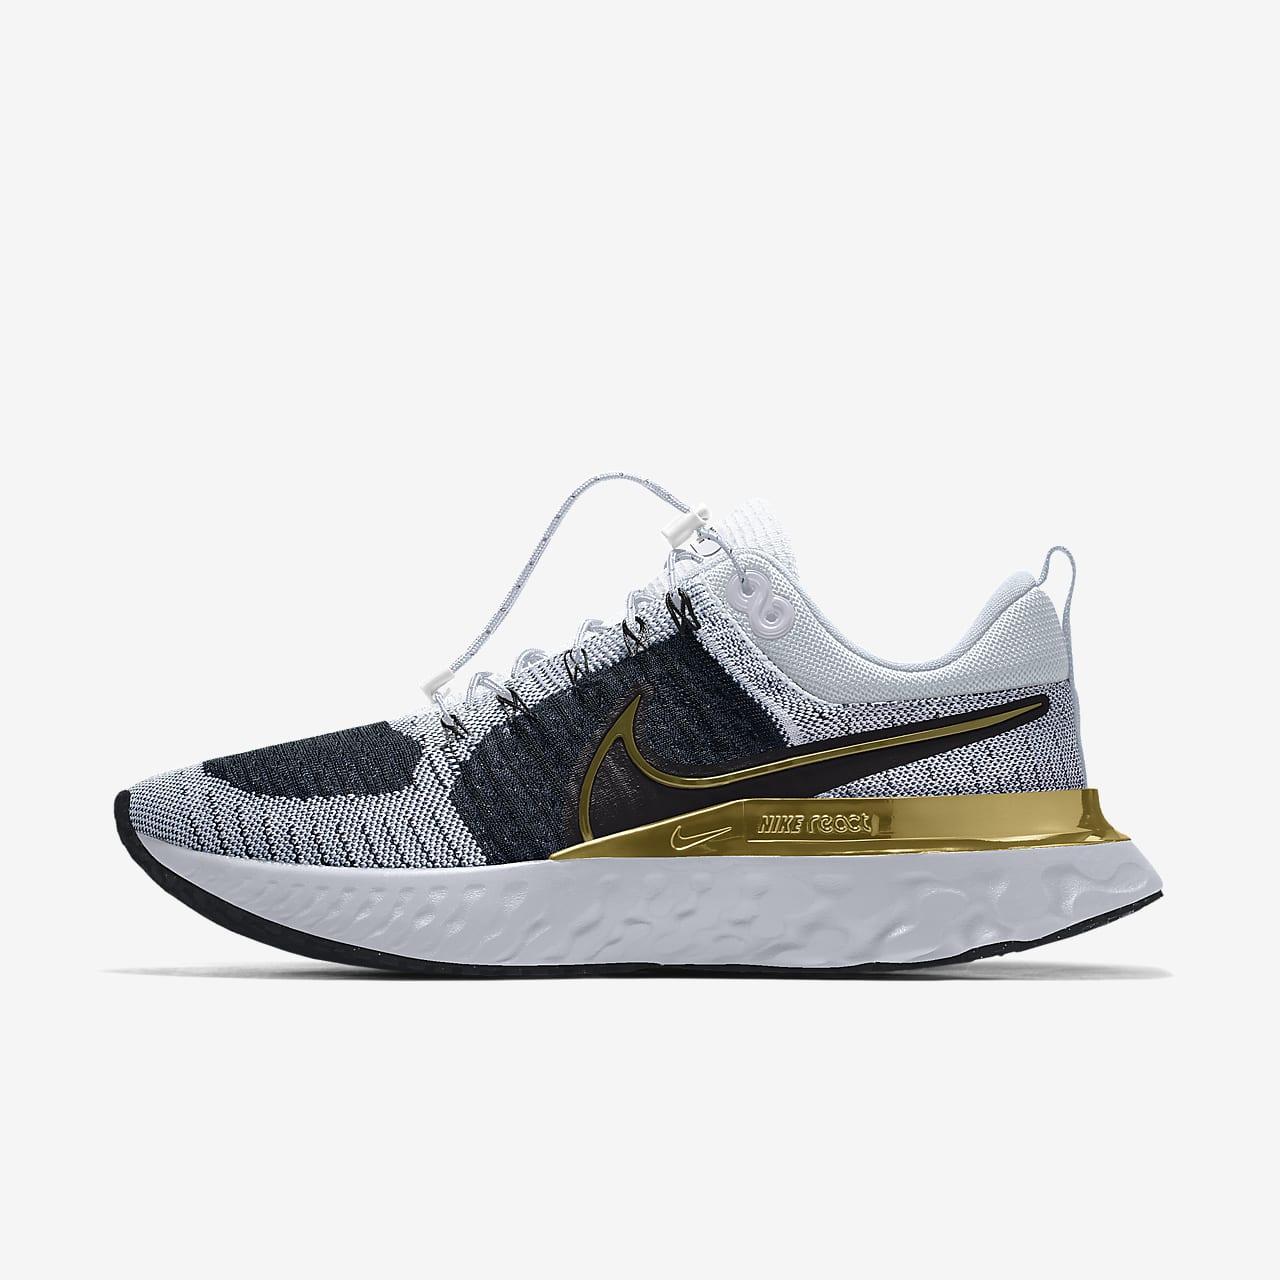 Nike React Infinity Run Flyknit 2 By You Custom Women's Running Shoe